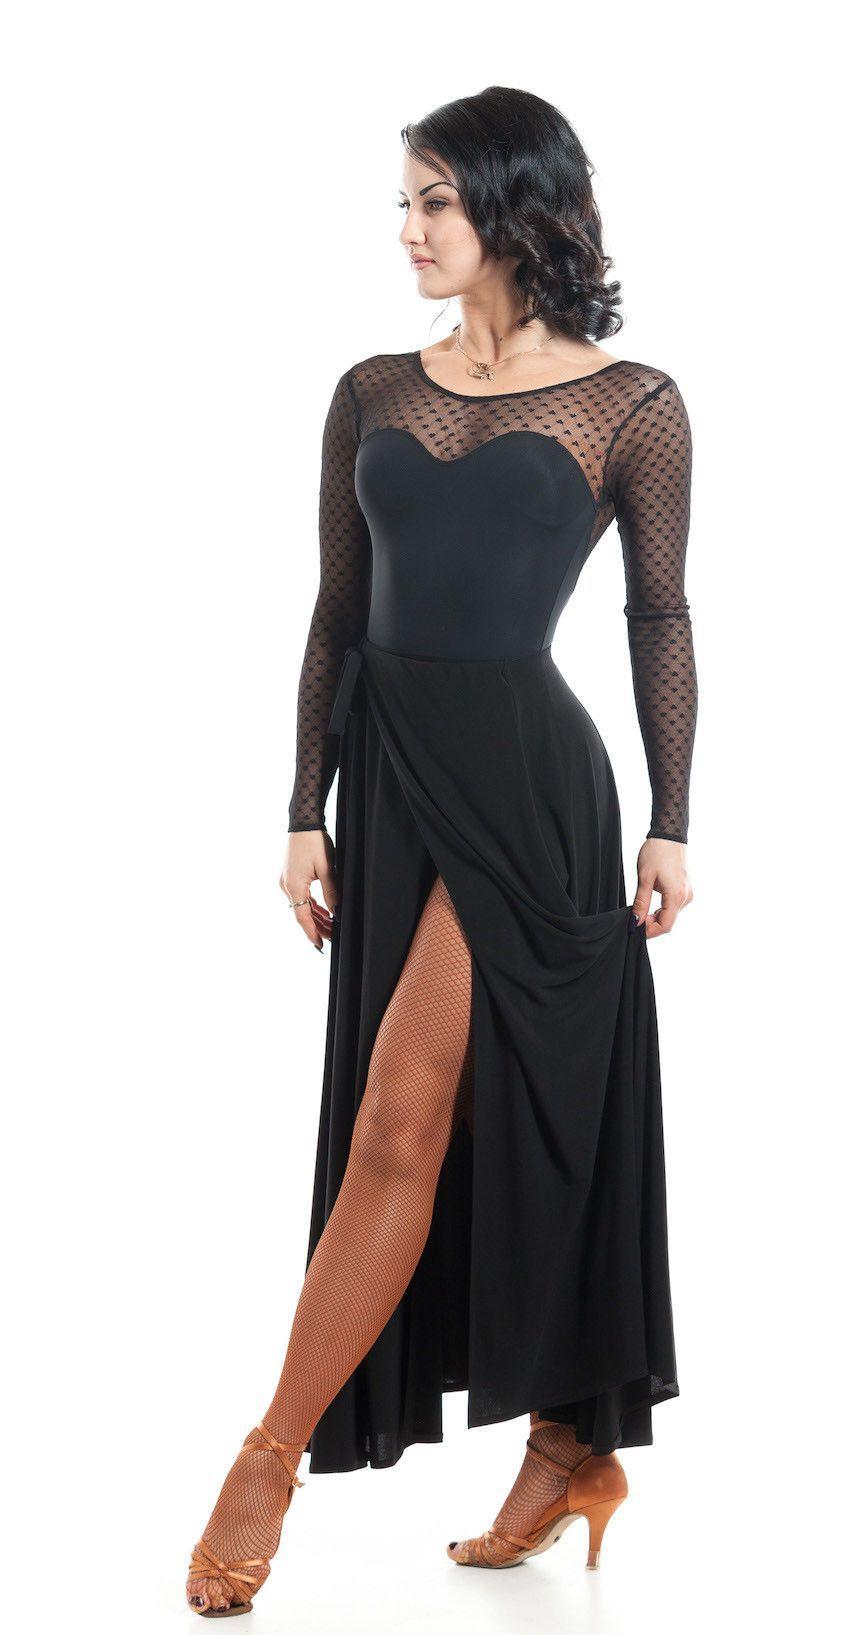 20db645ab Ballroom Skirt 371E in 2019 | ballroom dresses | Ballroom dance ...